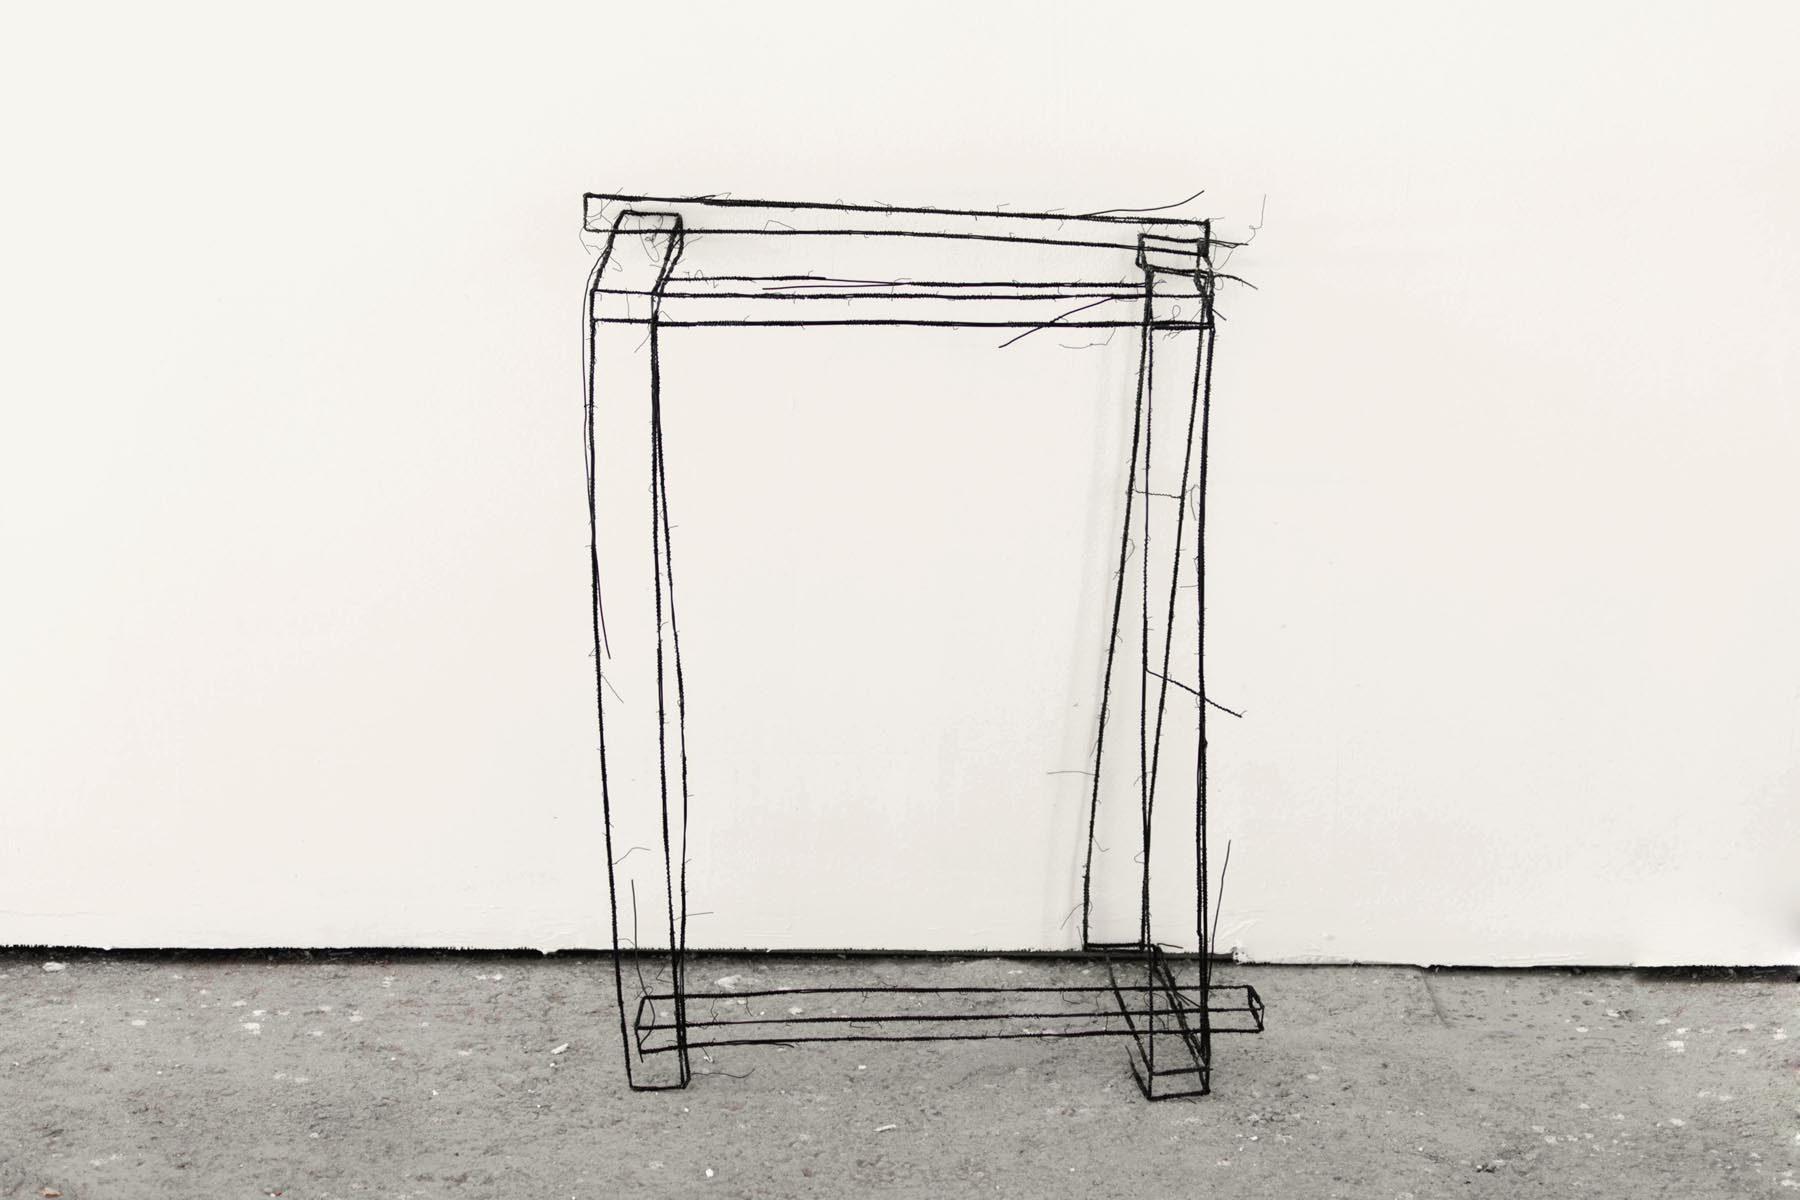 Fritz Panzer, Fatto a mano, 2017, wire sculpture, 69 x 50 x 32 cm